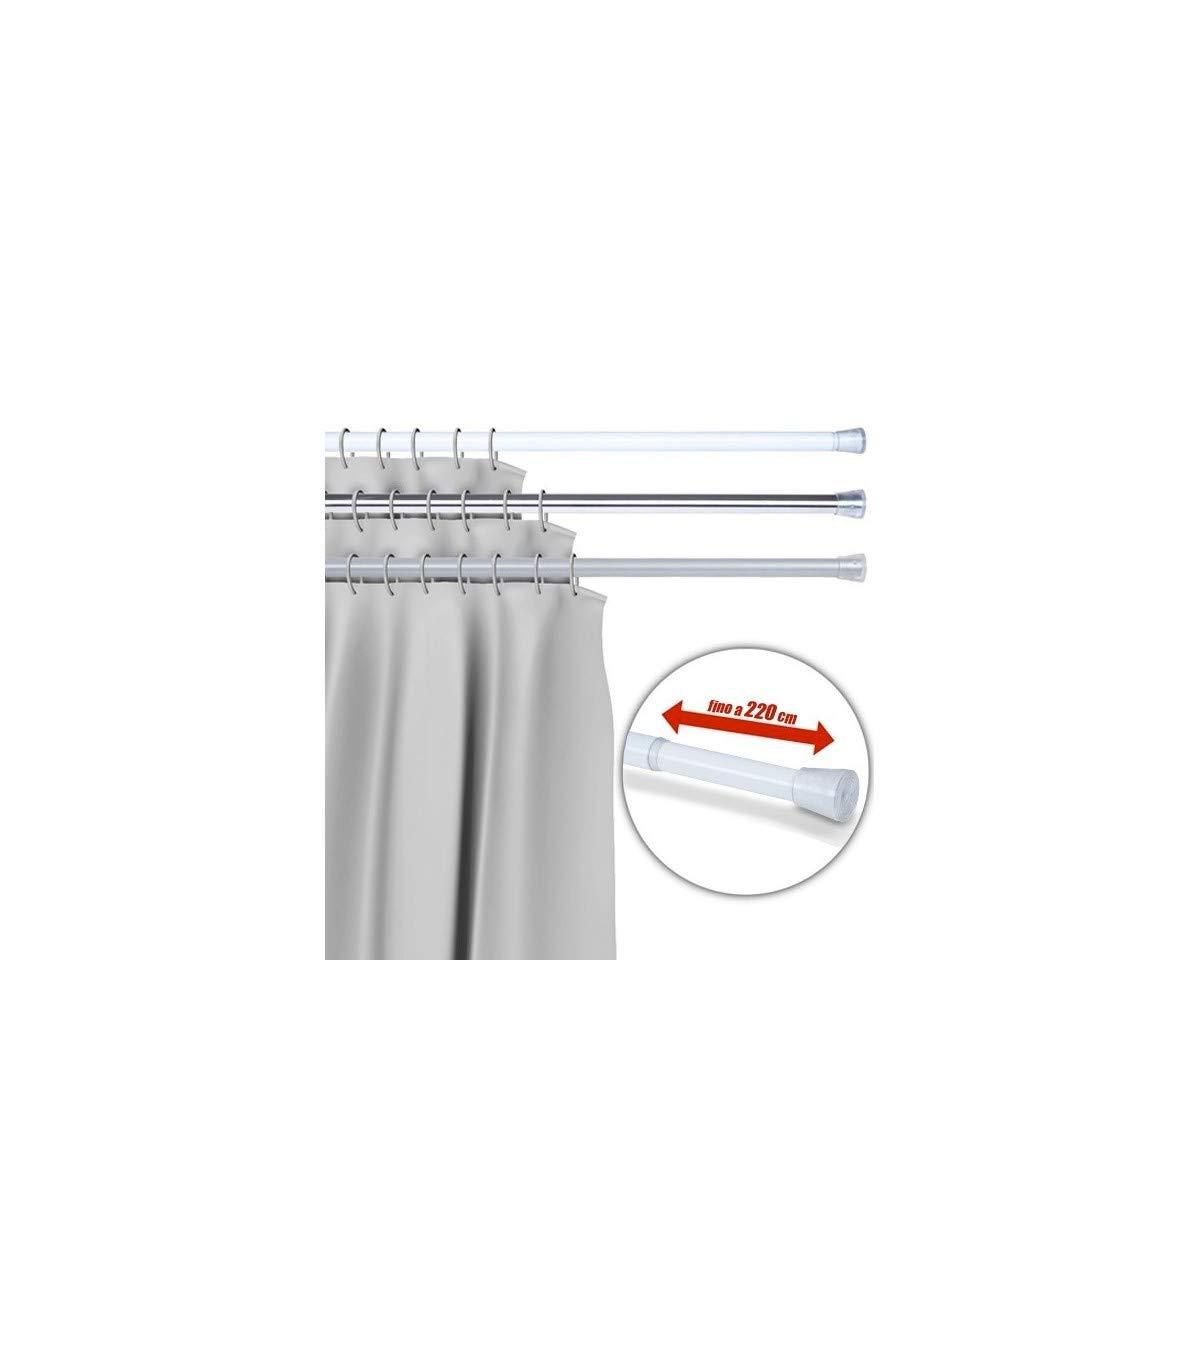 TrAdE shop Traesio Barra TELESCOPICA per Tenda da Doccia 110 CM Fino A 200 CM Alluminio Bianco